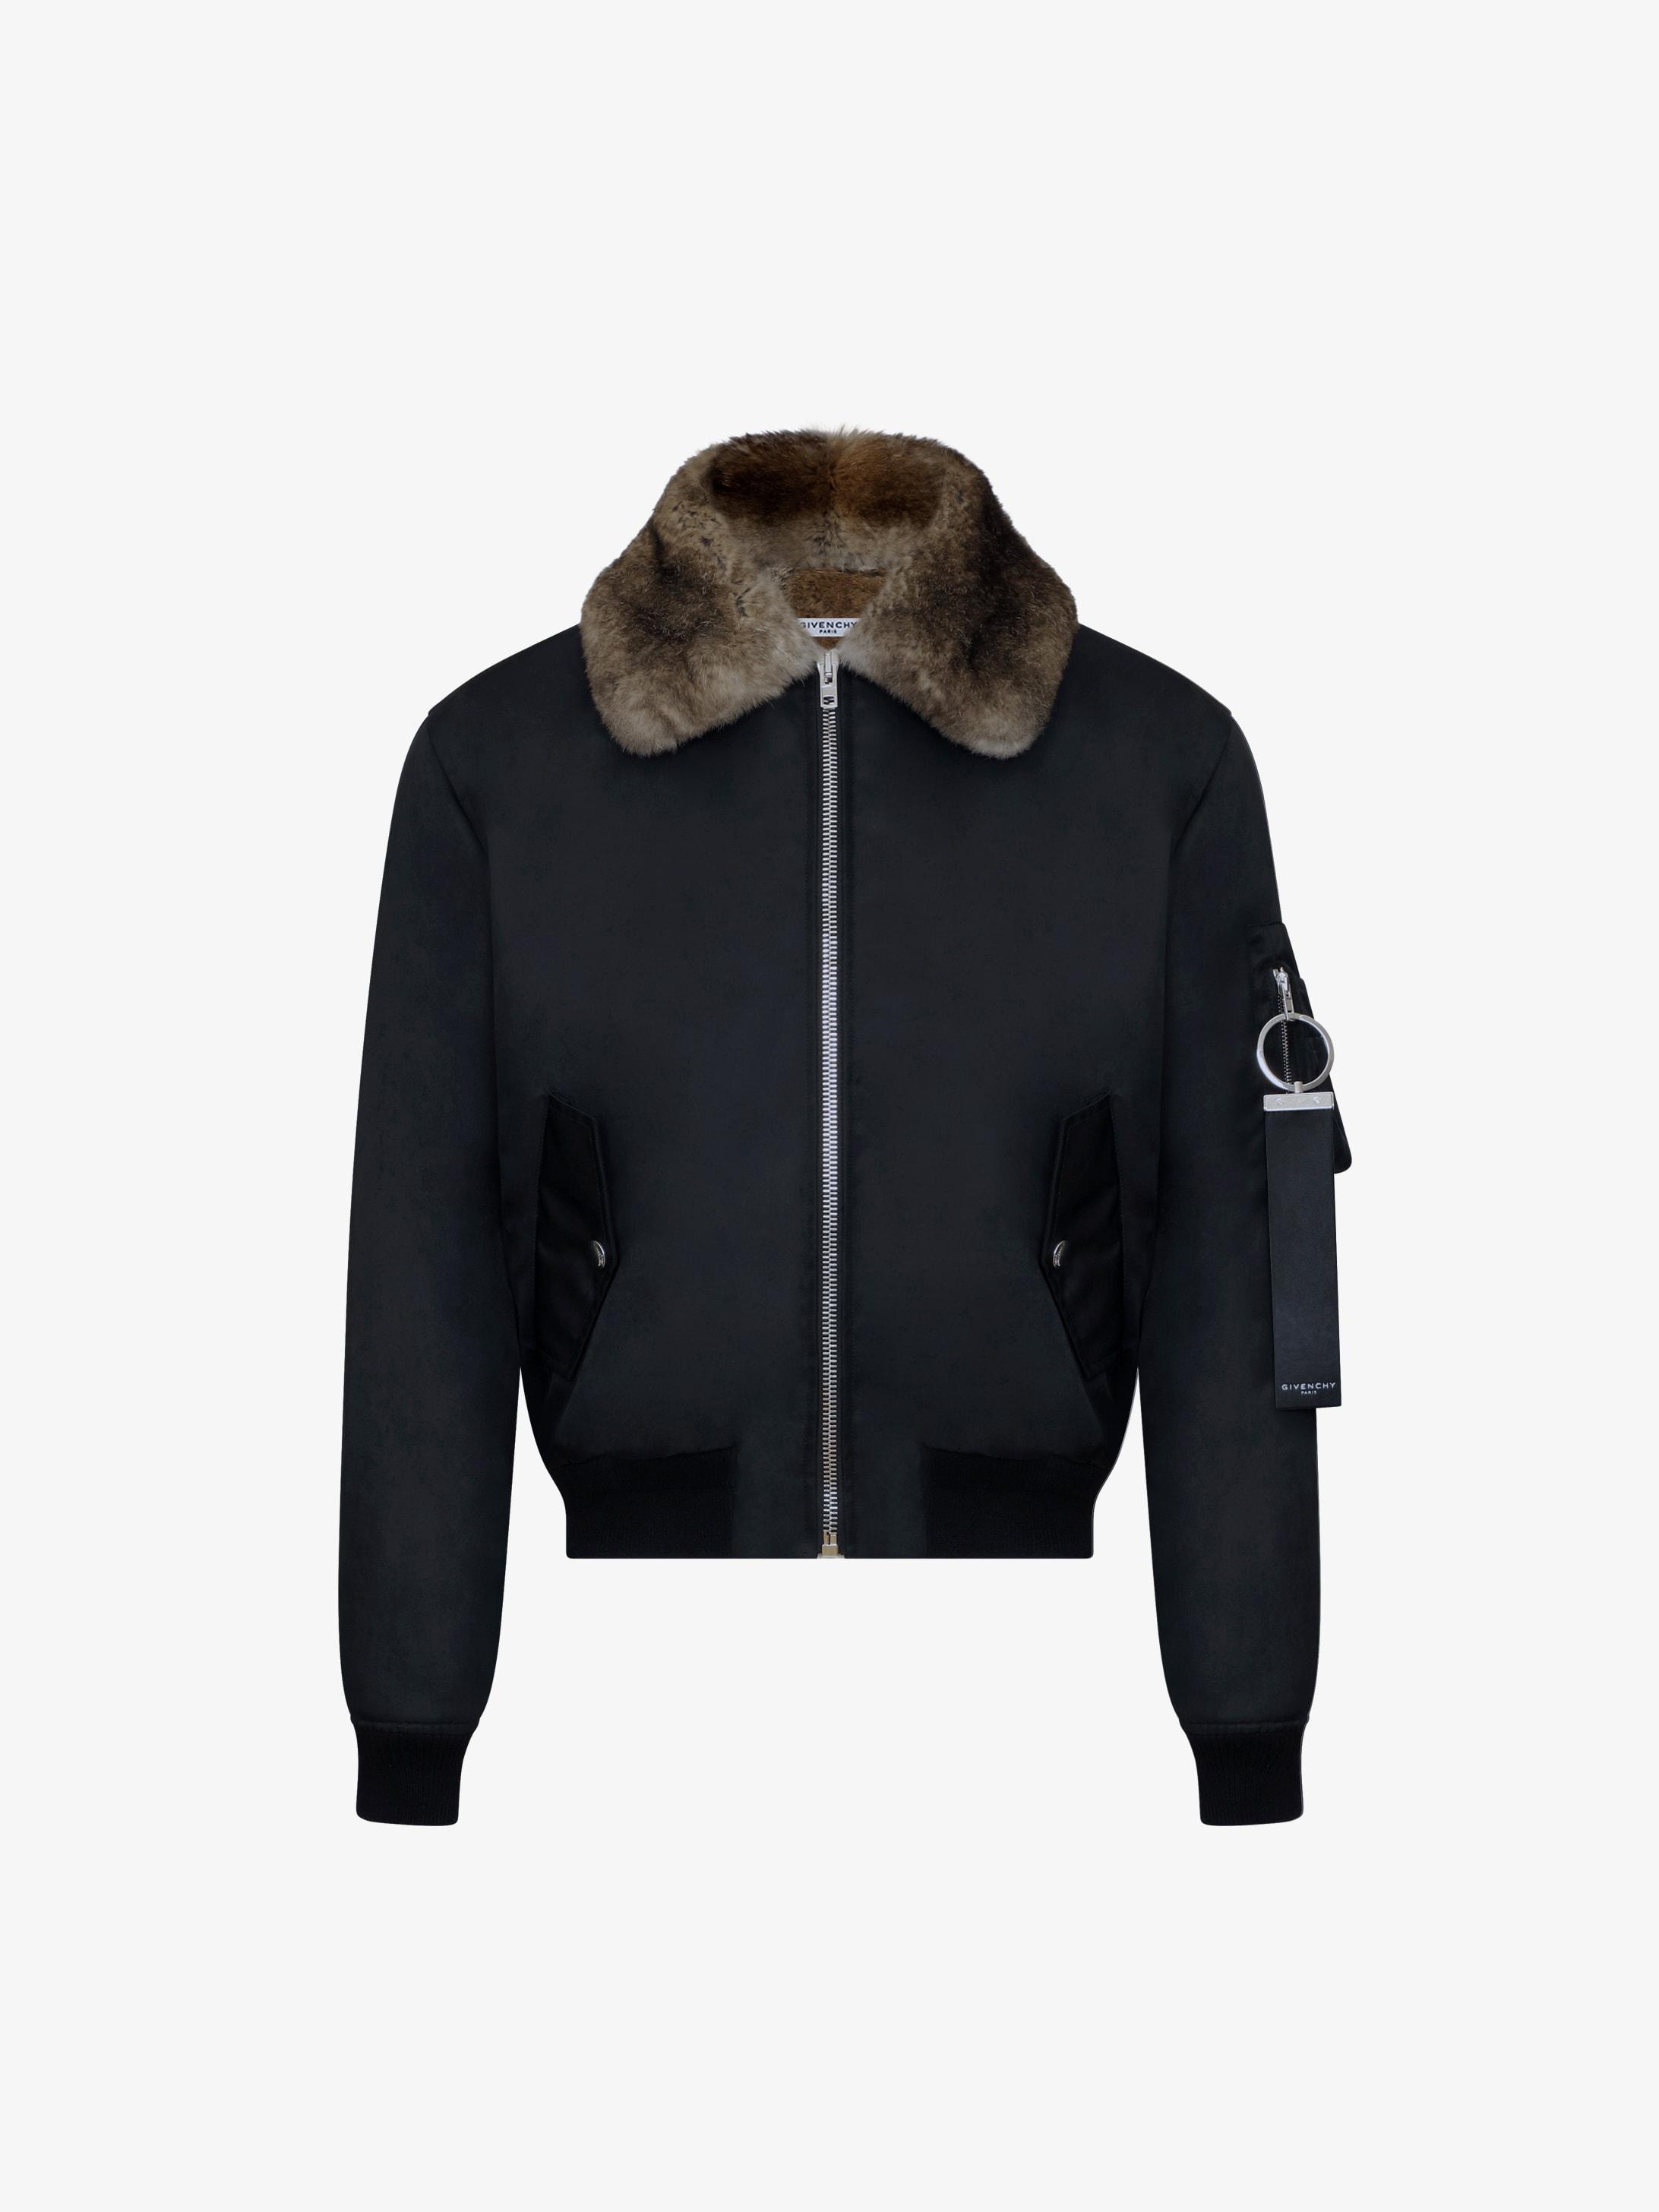 Nylon bomber jacket with fur lining